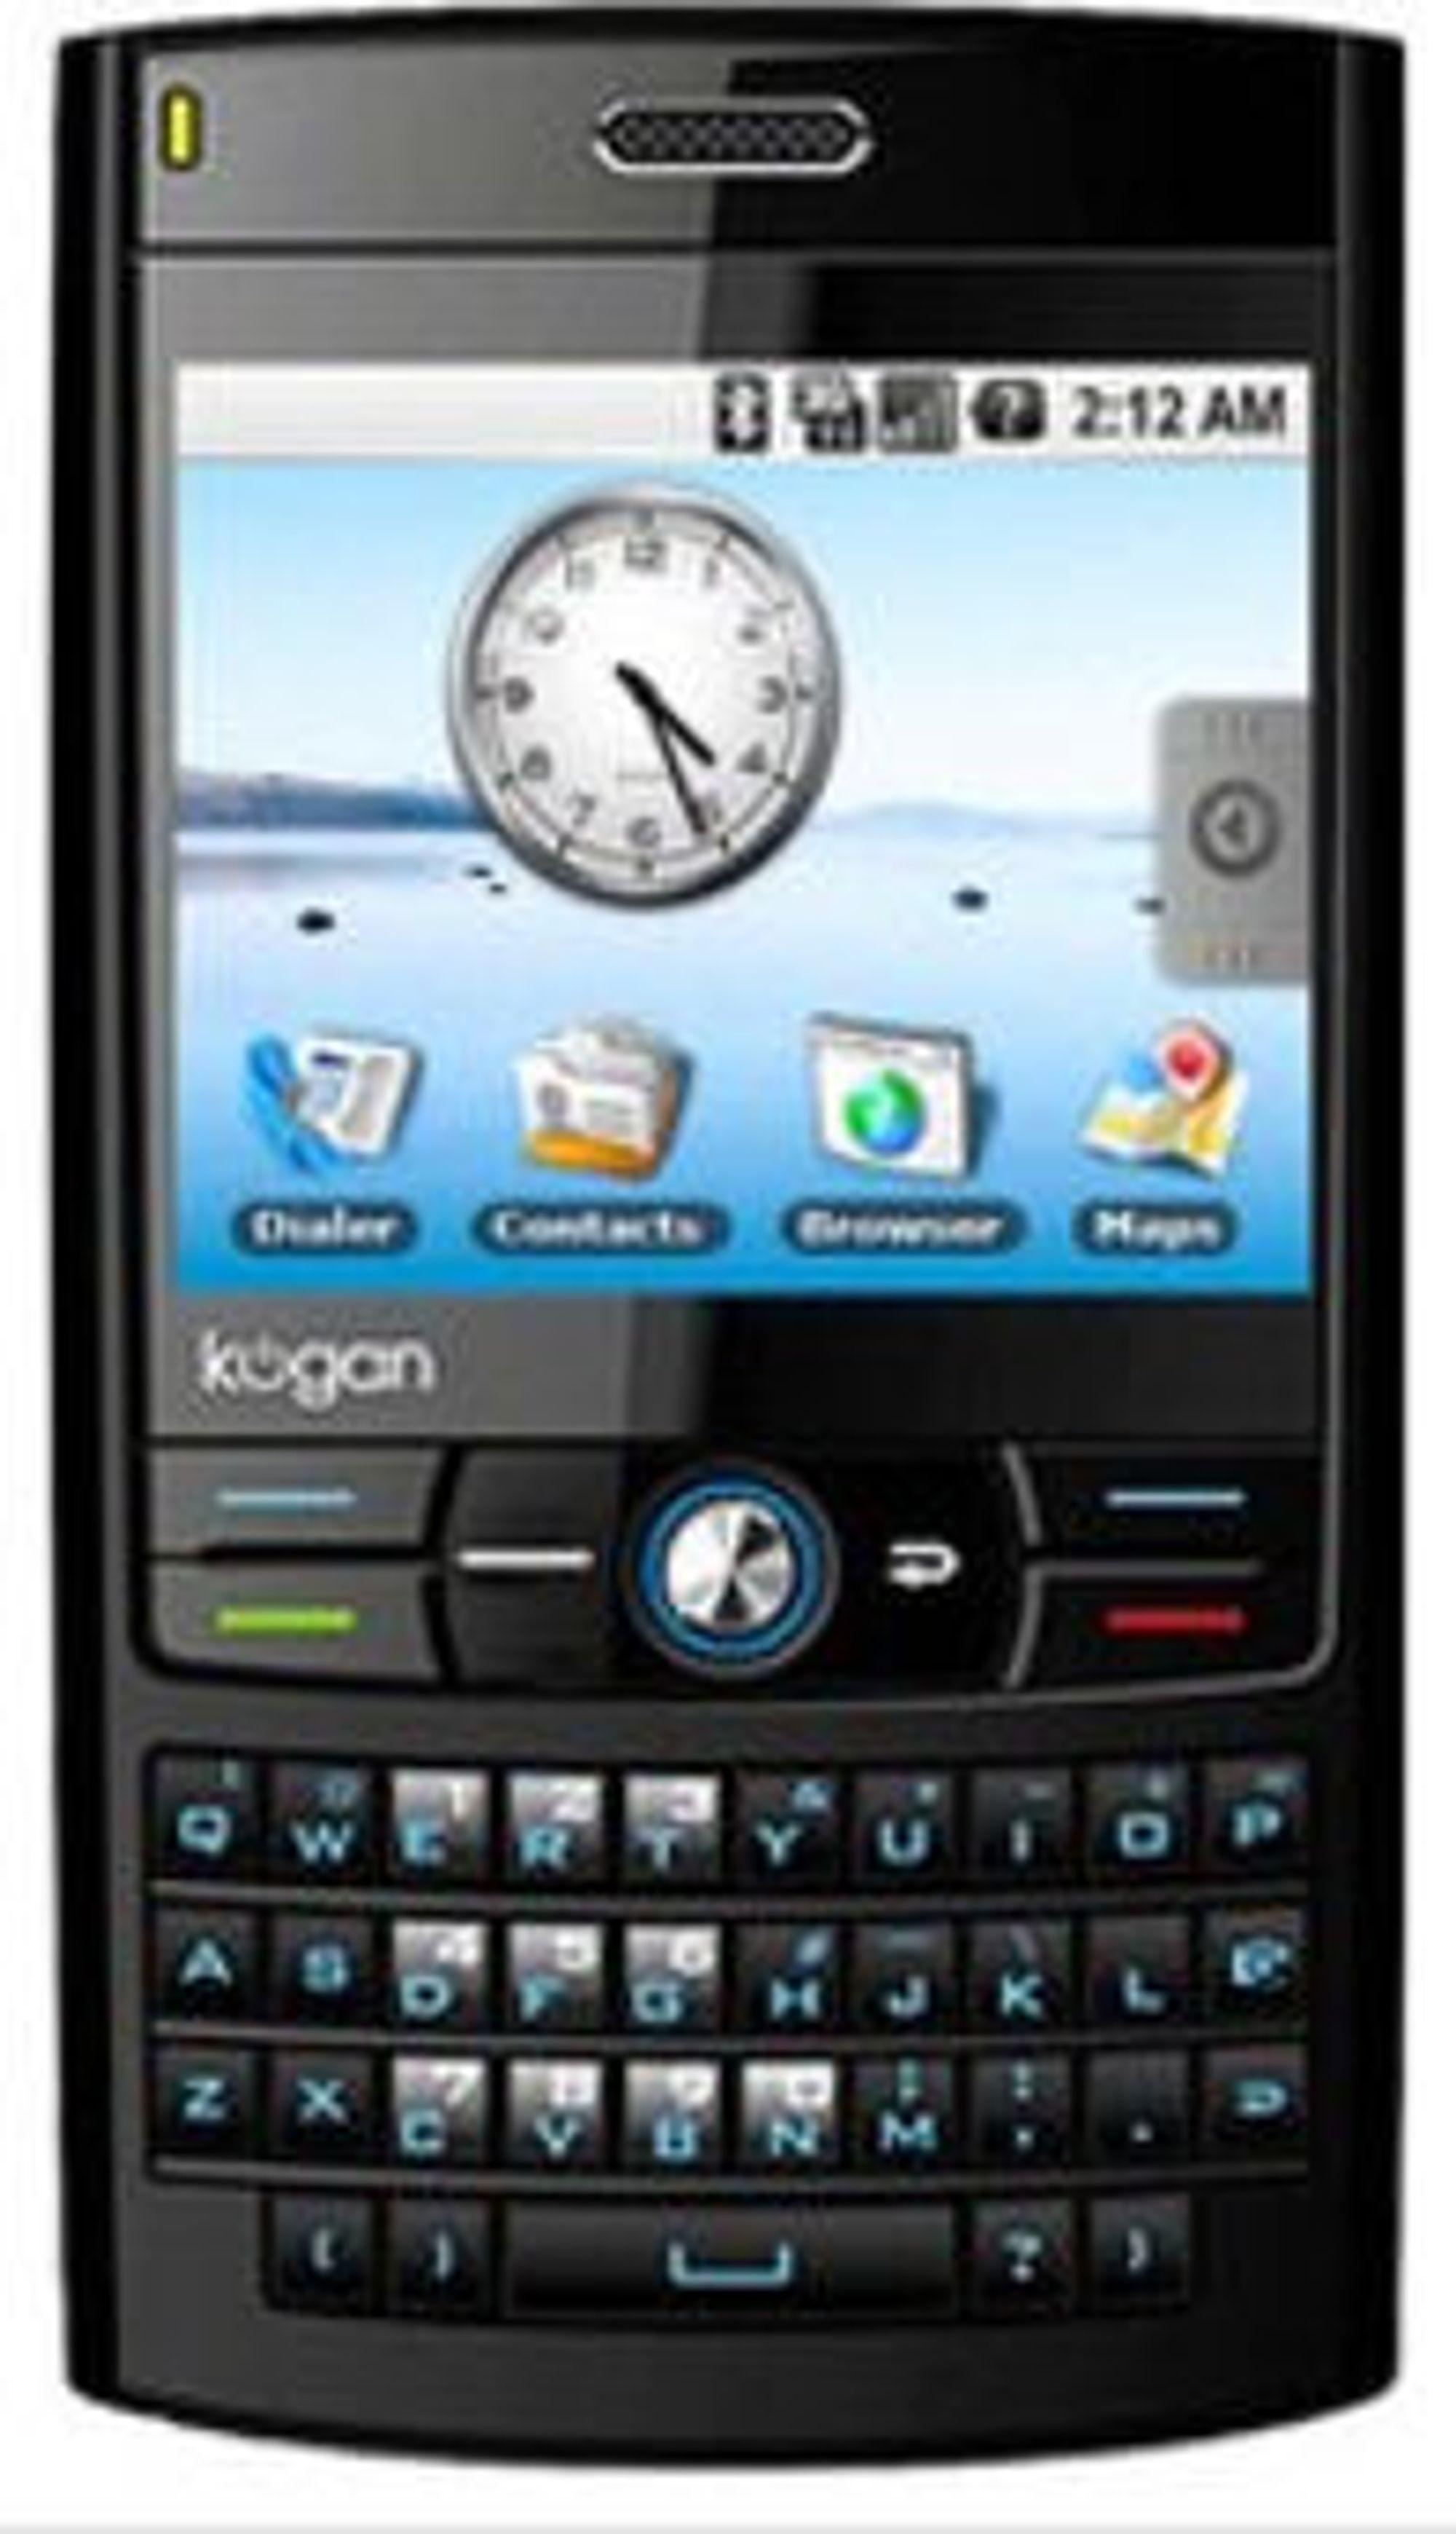 Android-basert Kogan-mobil.